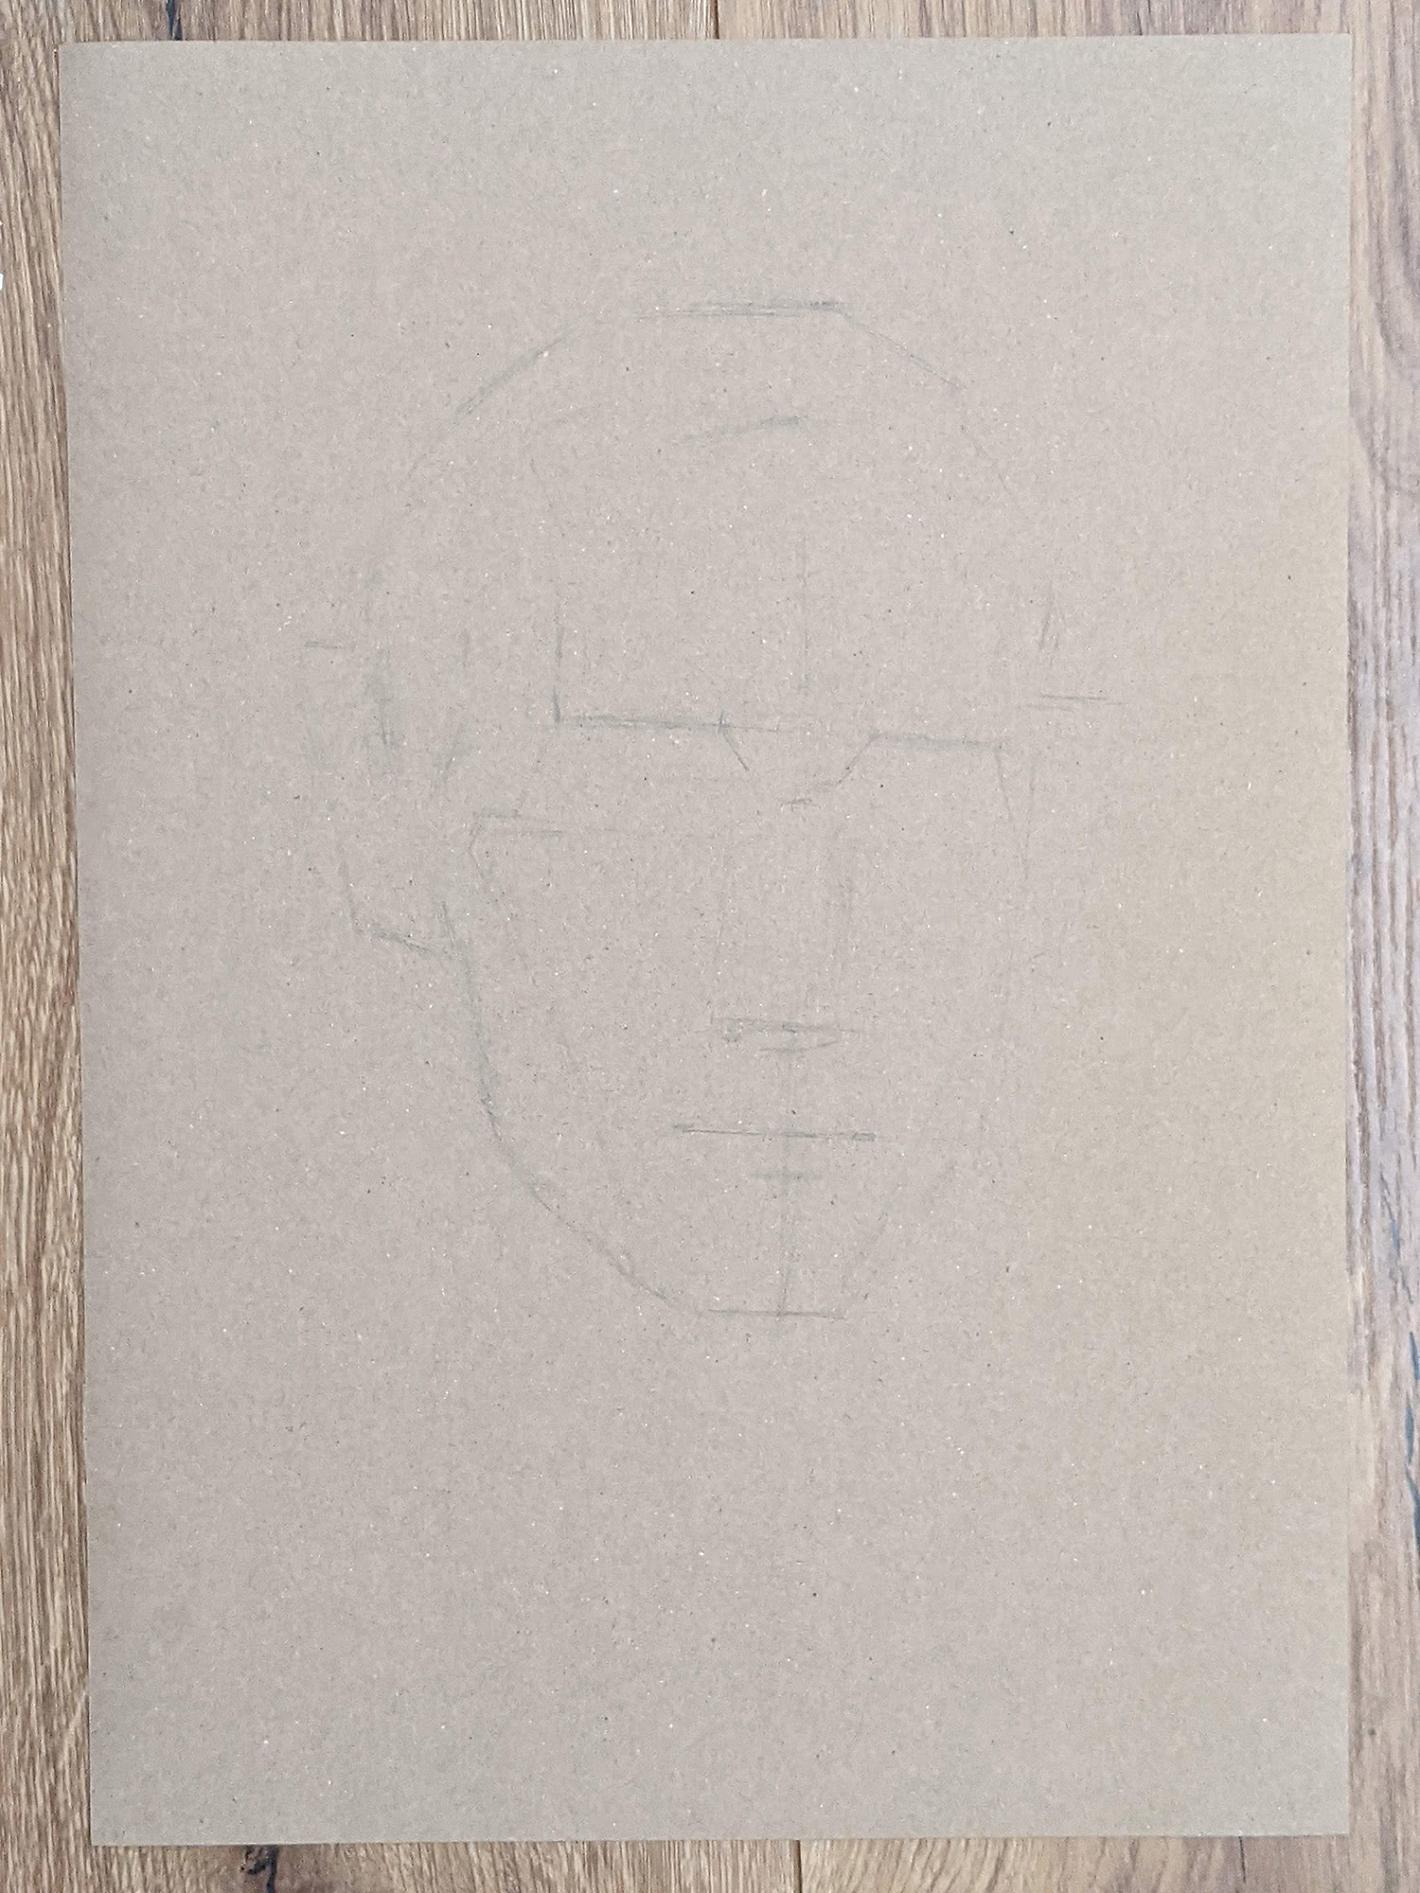 Portraitzeichnung 16.05